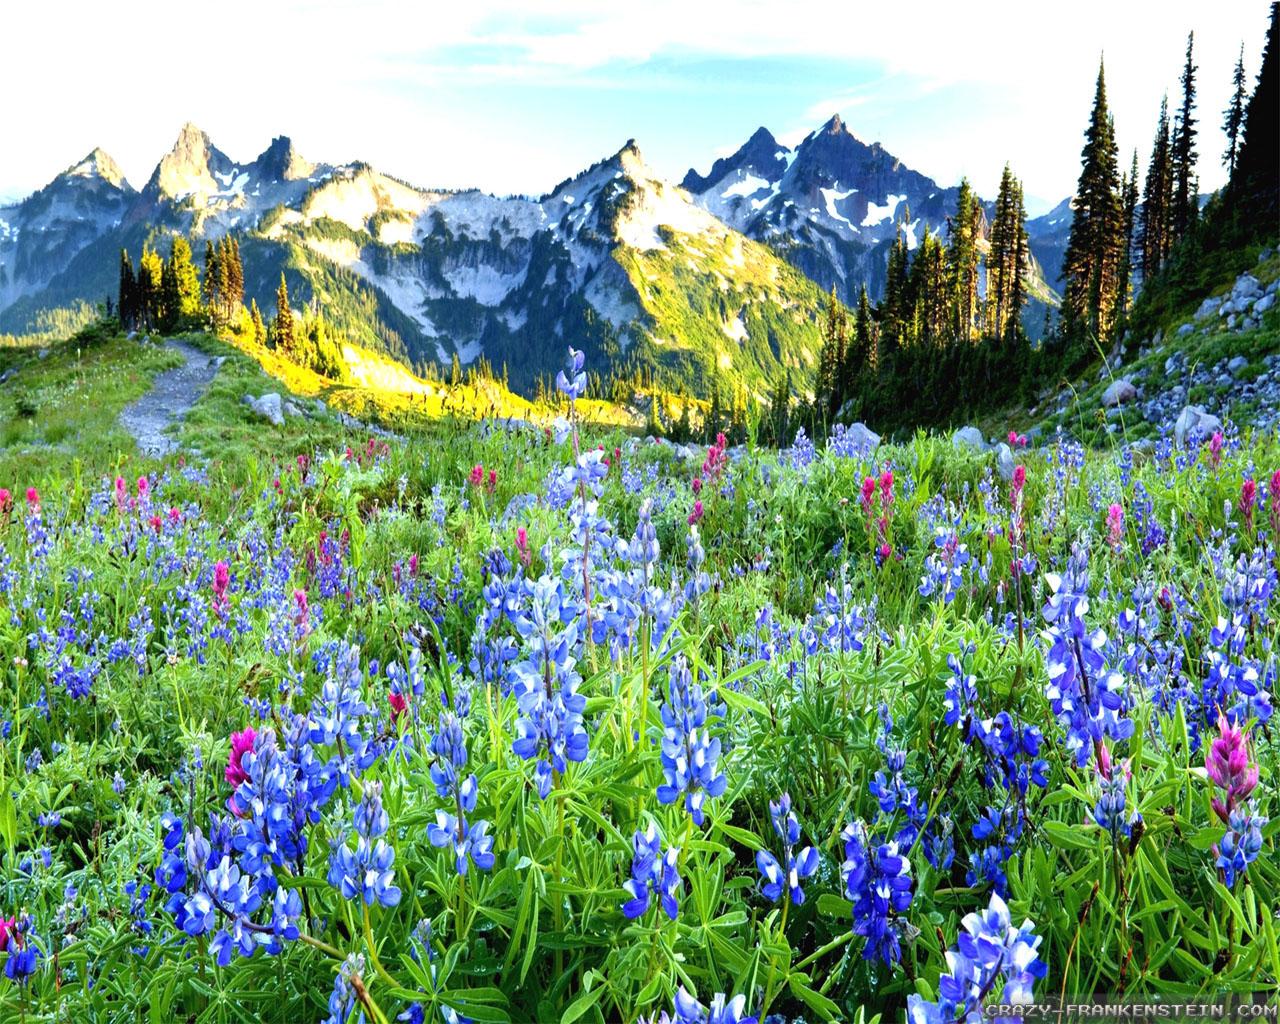 Beautiful Spring Scenery Wallpapers - WallpaperSafari